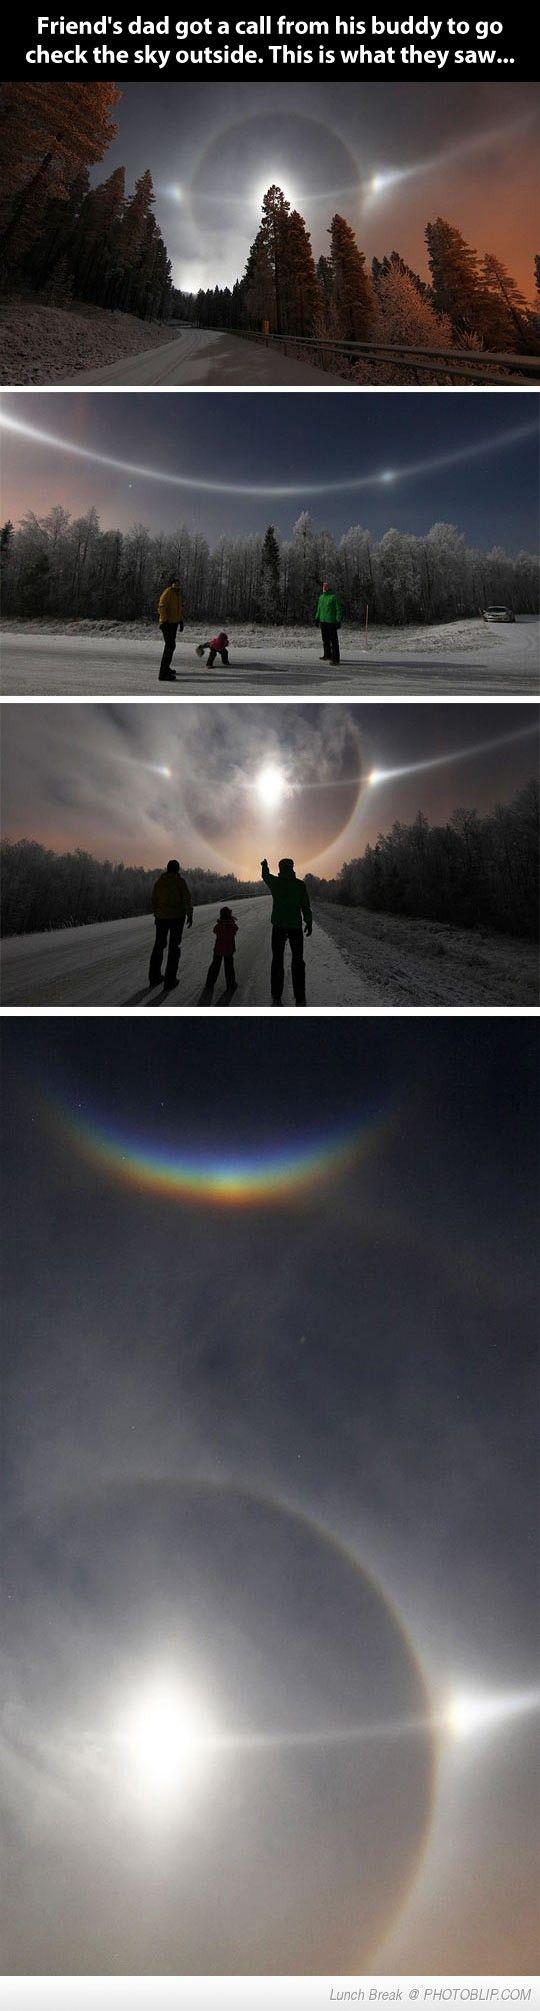 Very Unusual Sky